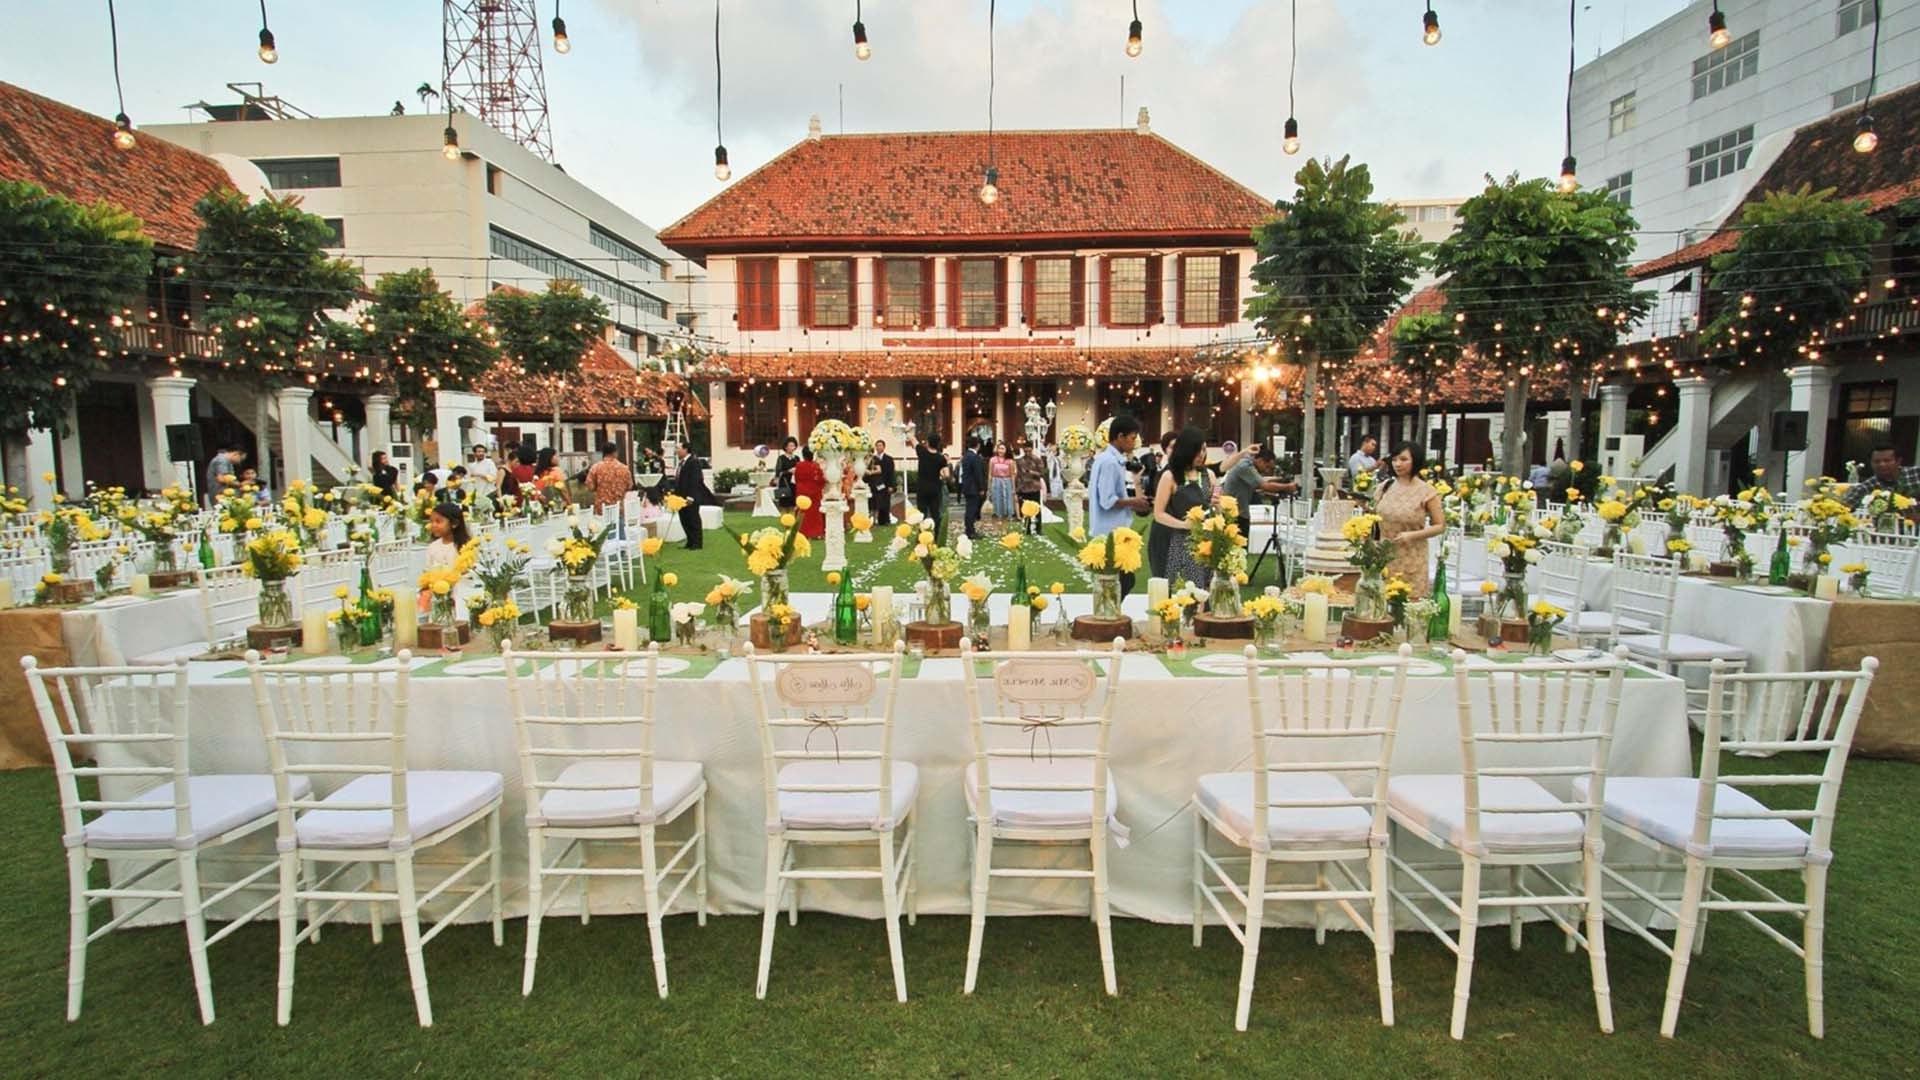 Ide Gamis Untuk Pernikahan Q0d4 Gamis Pernikahan Cantik Jual Mainboard W210cumb 0d Bekas Mb